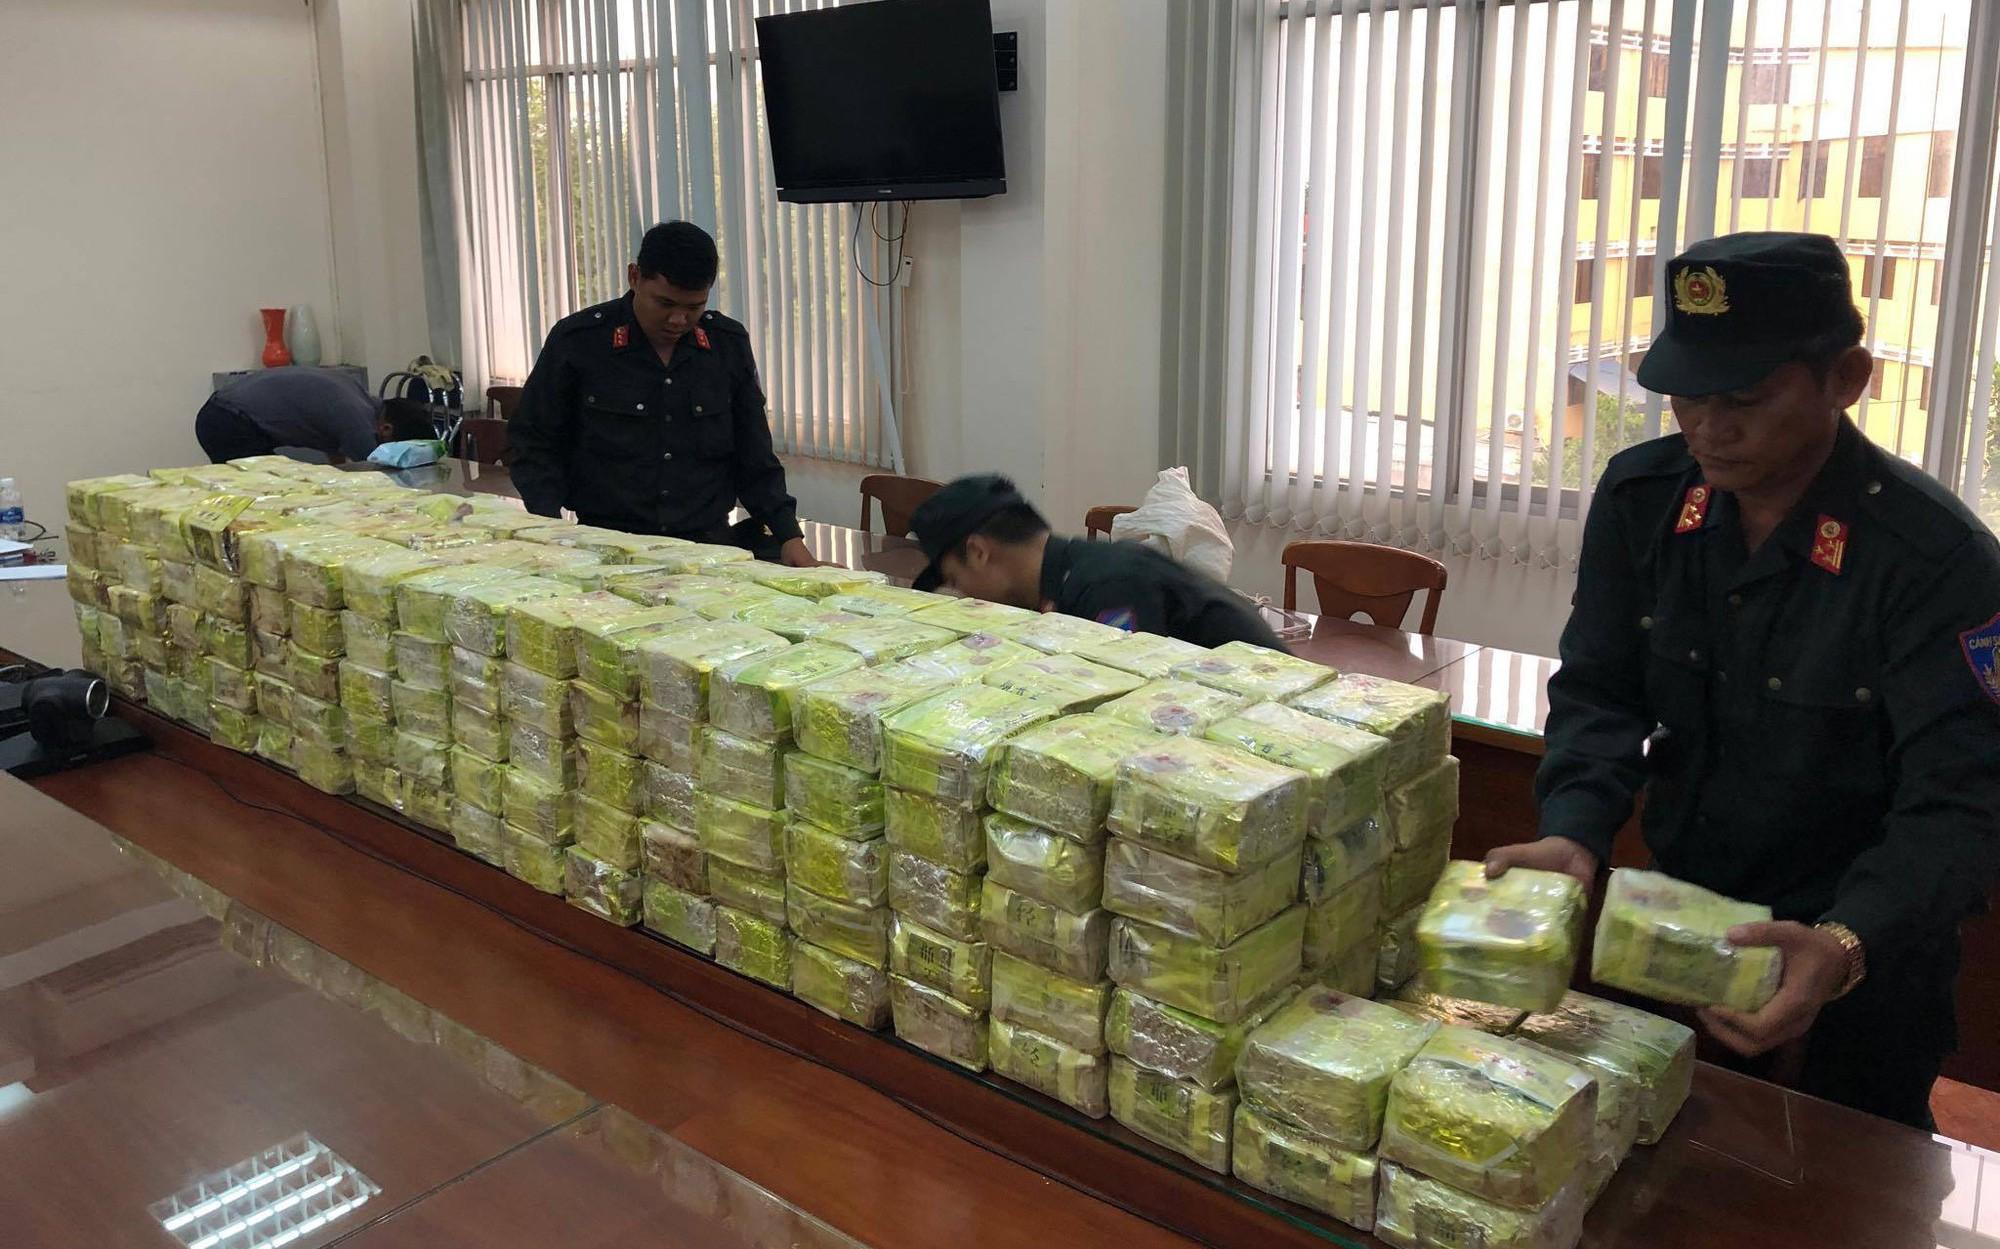 Cảnh sát vây bắt băng nhóm cùng xe bán tải đầy ắp ma tuý trong căn biệt thự ở Sài Gòn